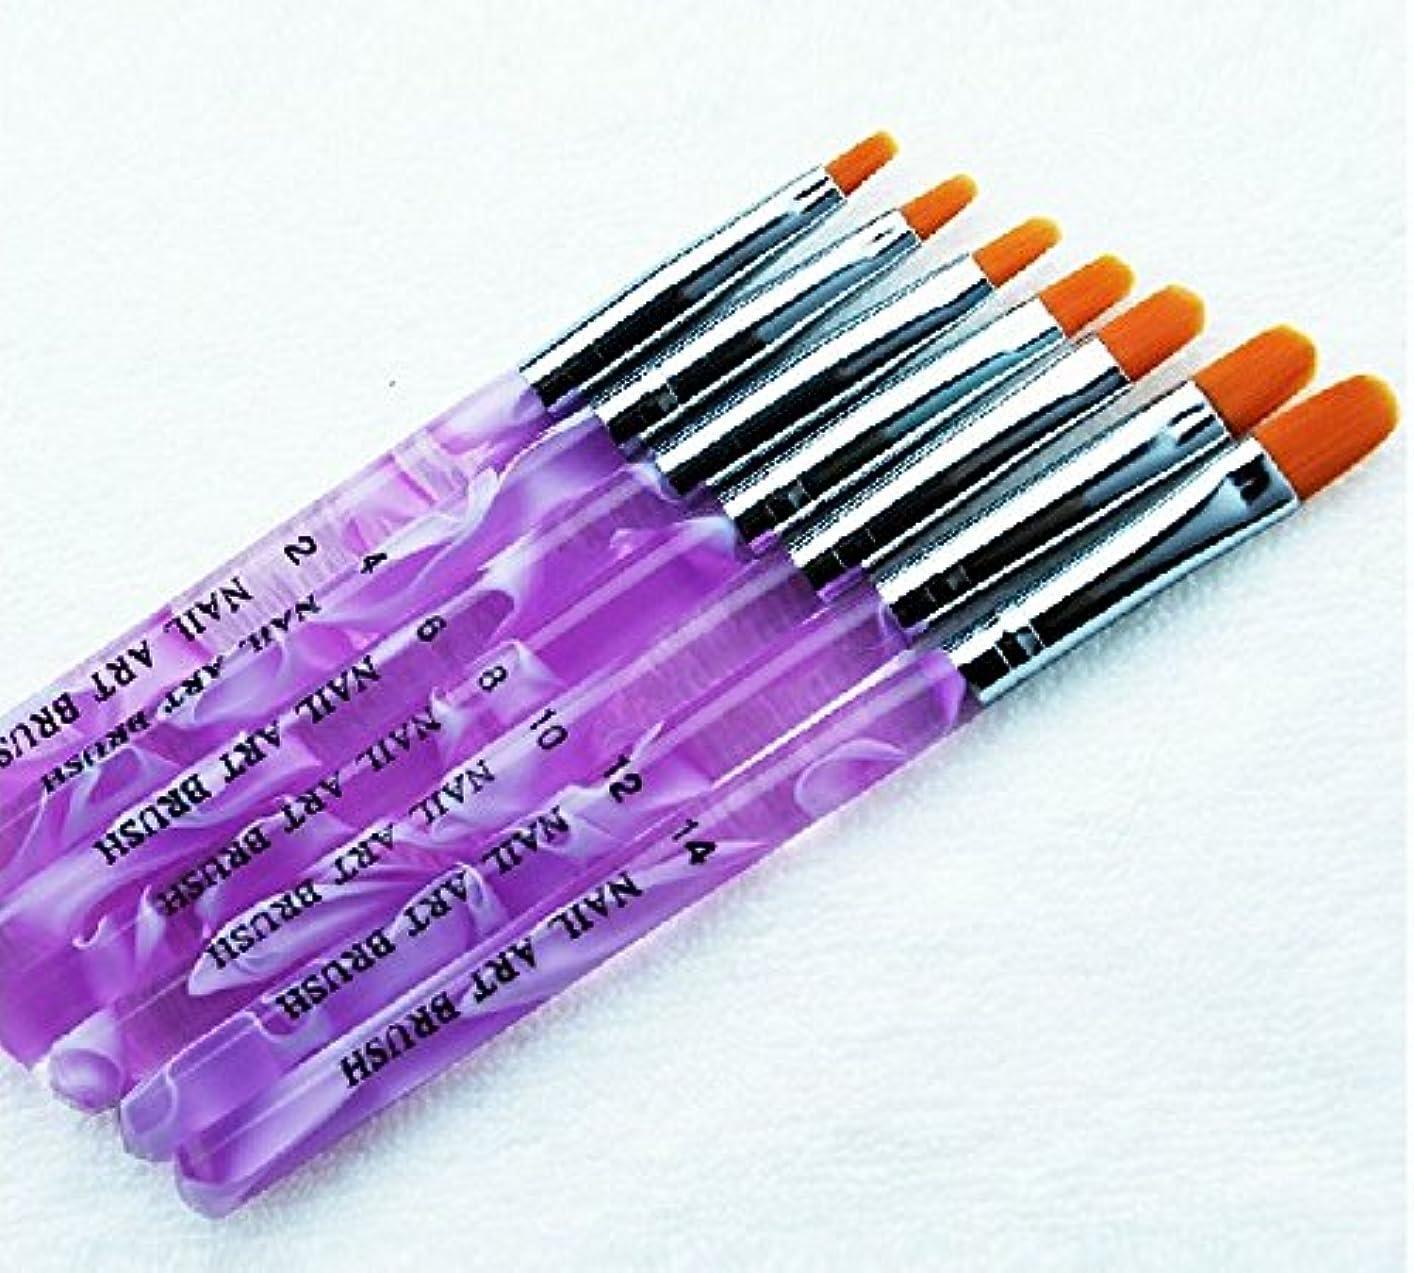 POT ジェル ネイルブラシ 7本セット UV用 ジェルブラシ 平筆ブラシ 使い分けに ナンバー 印字 入り